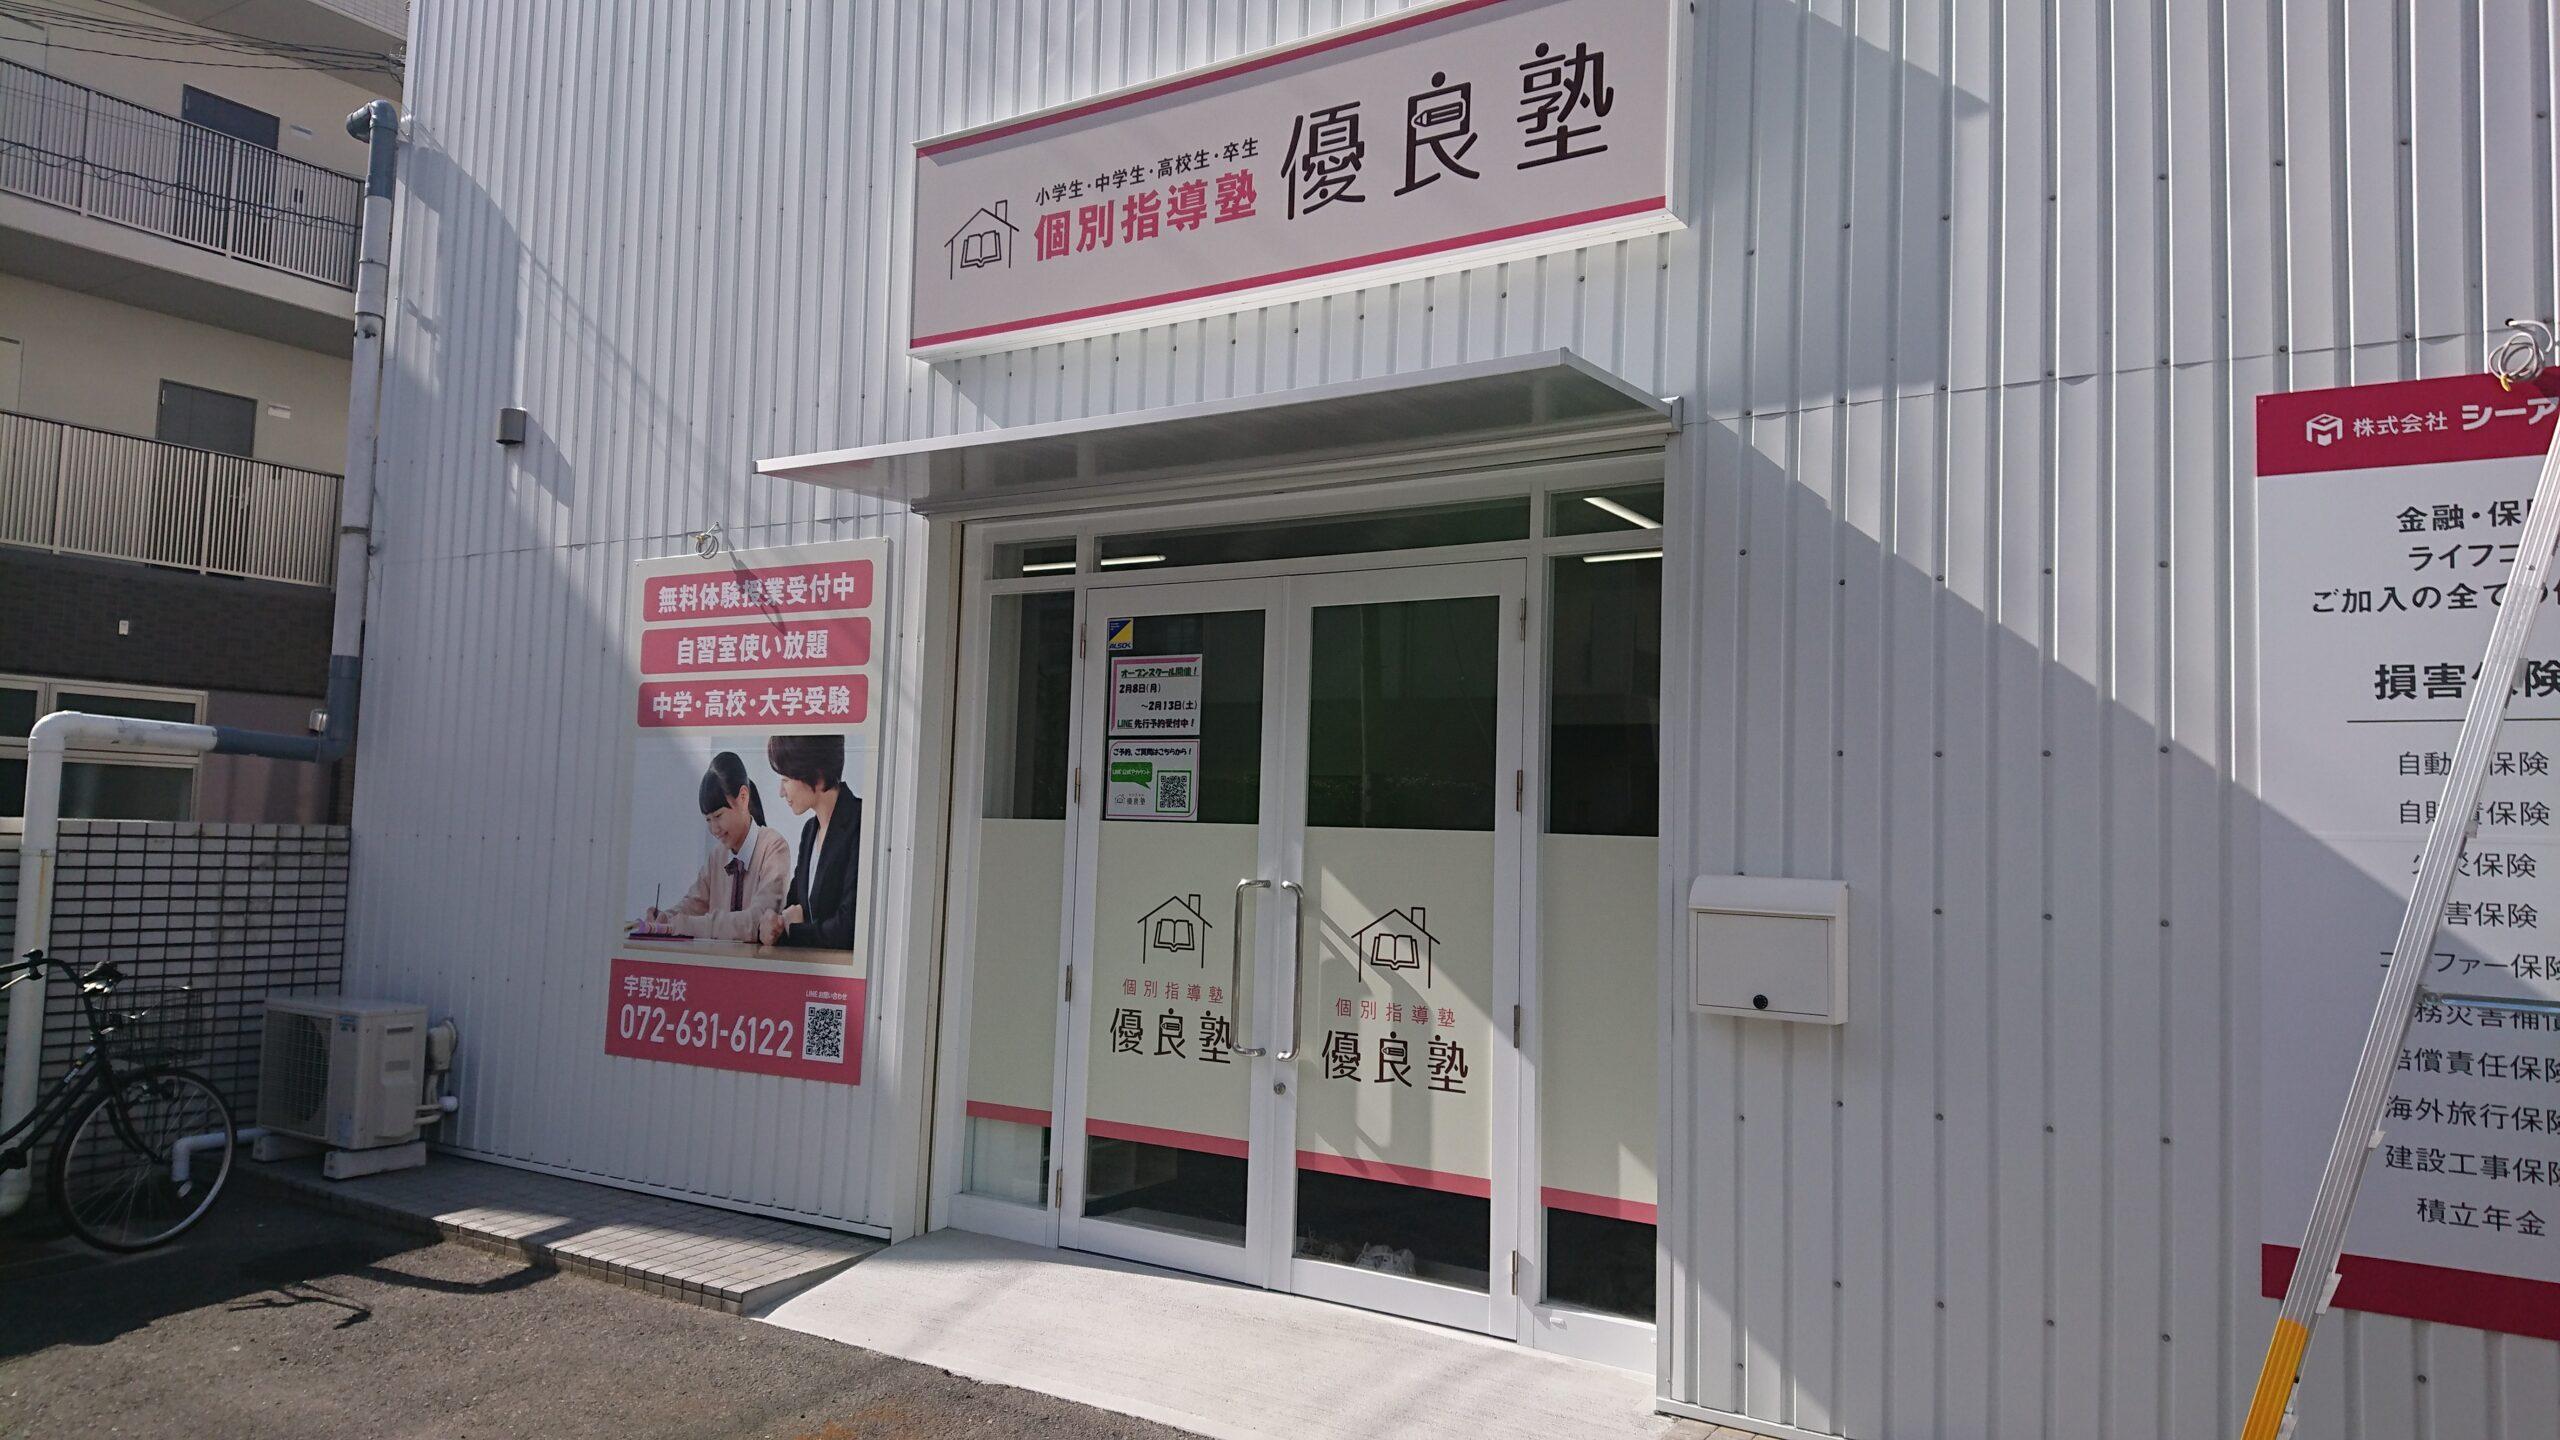 新規開校 外観 優良塾 宇野辺校 個別指導塾